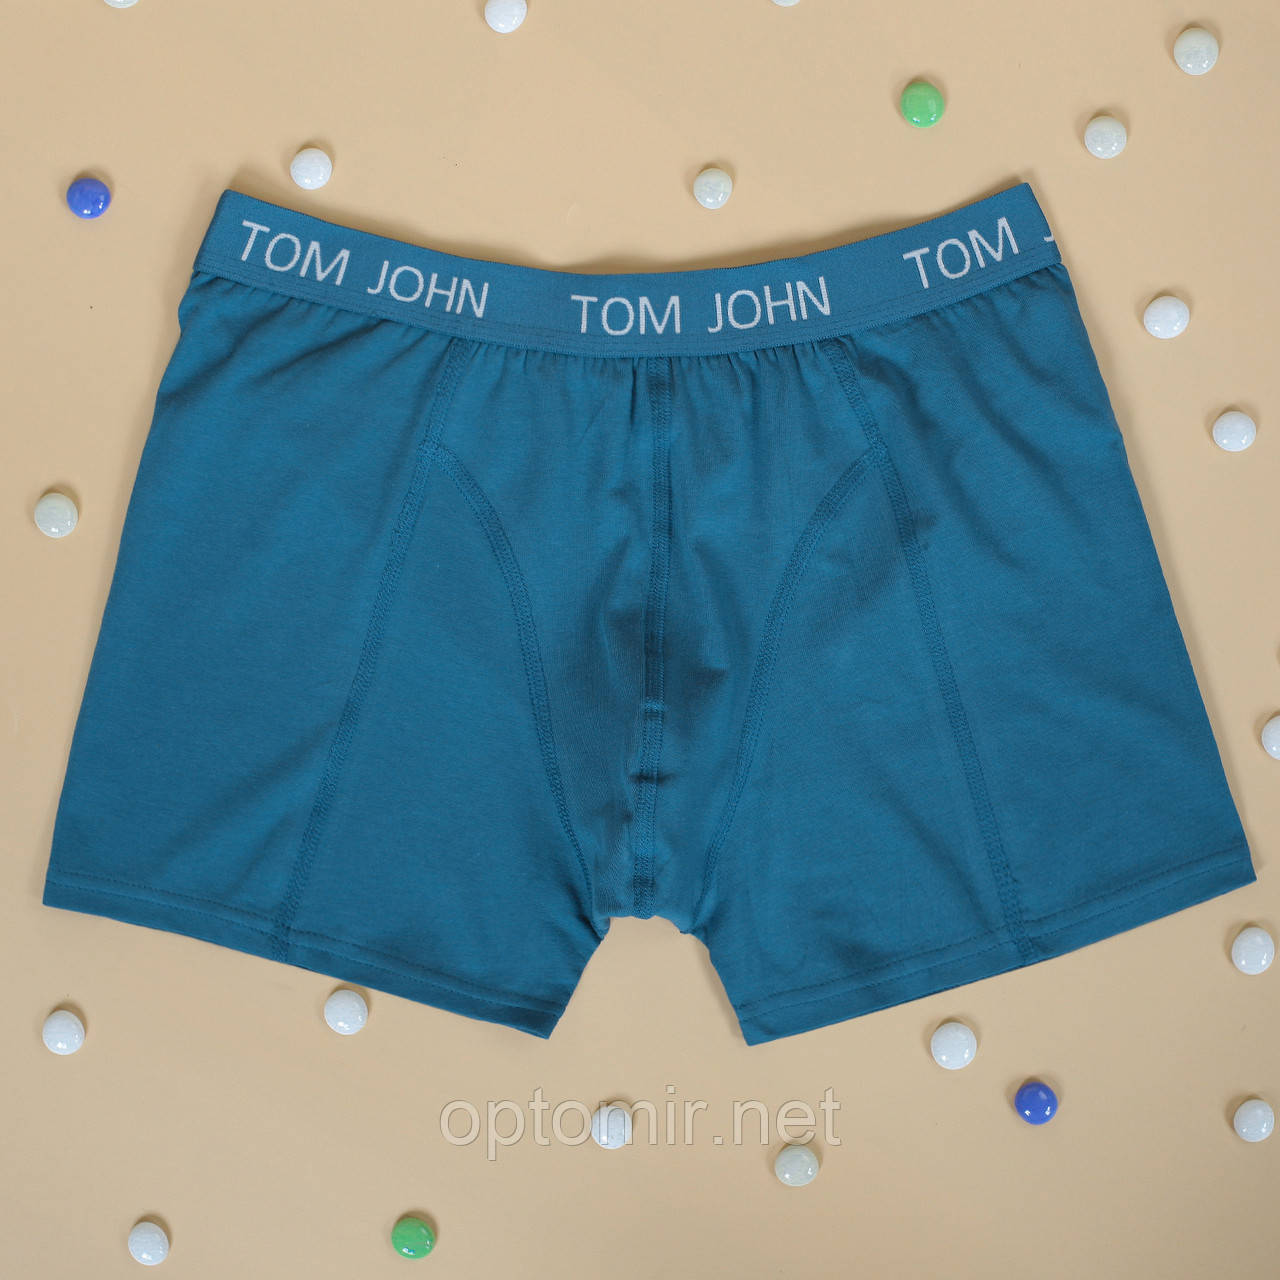 Трусы мужские боксеры Tom John Турция M, L, XL, 2XL | 1 шт.